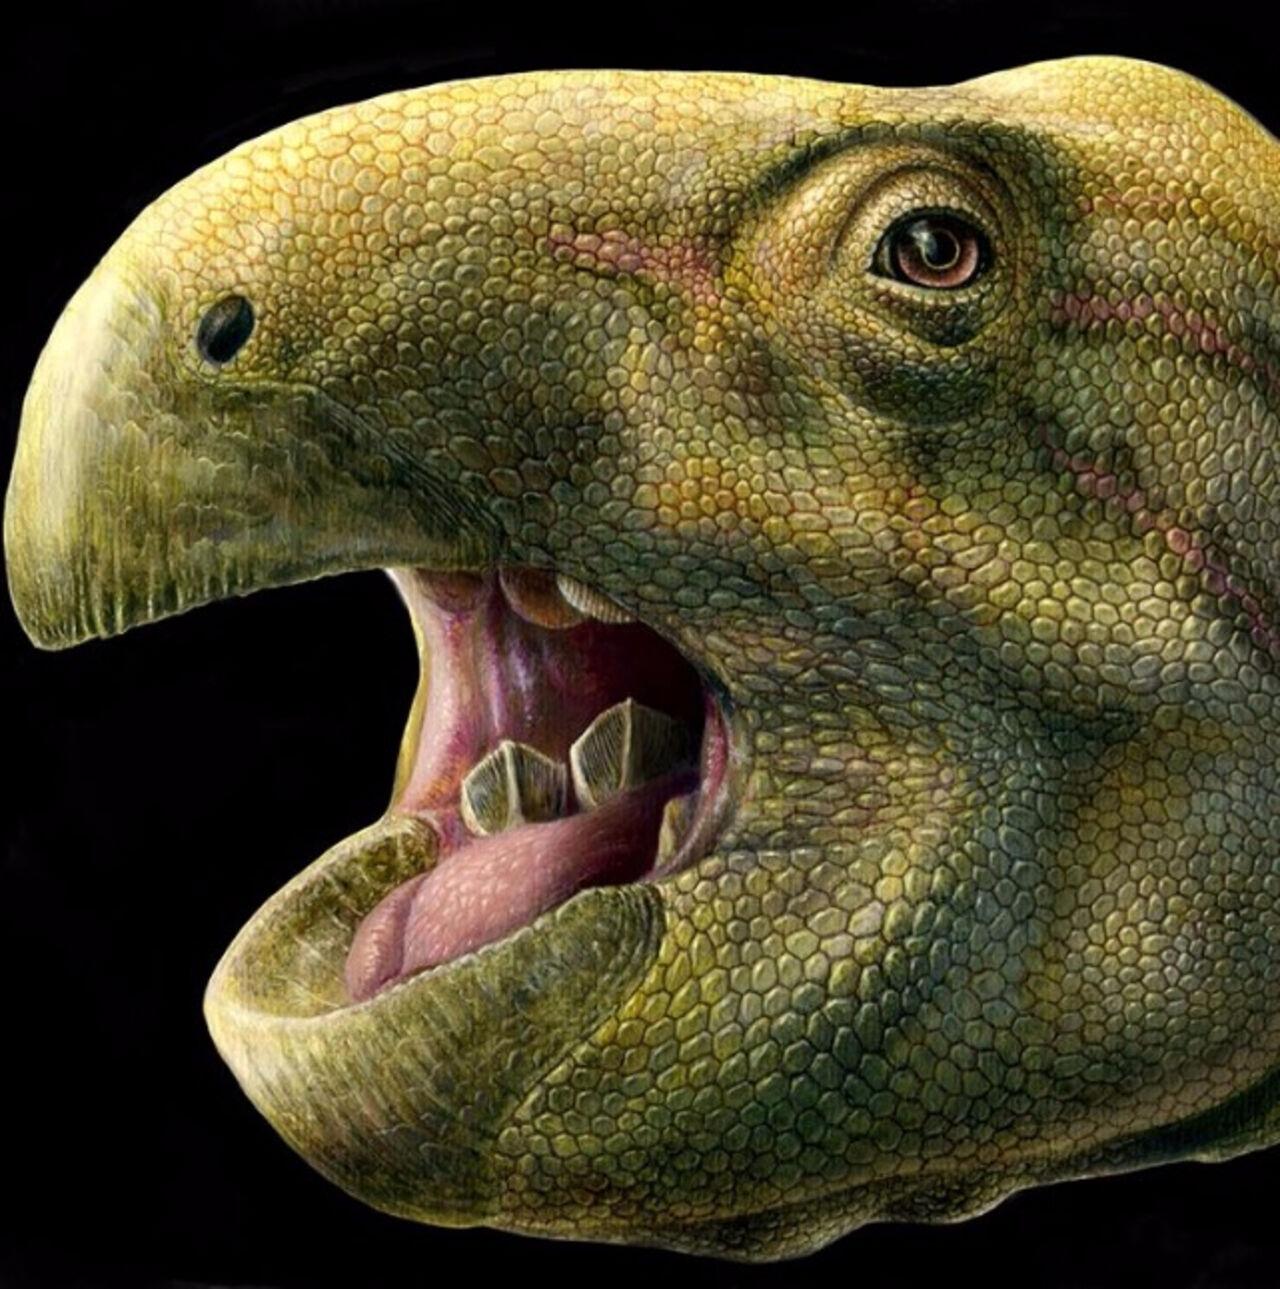 ВоФранции археологи отыскали новый вид динозавров